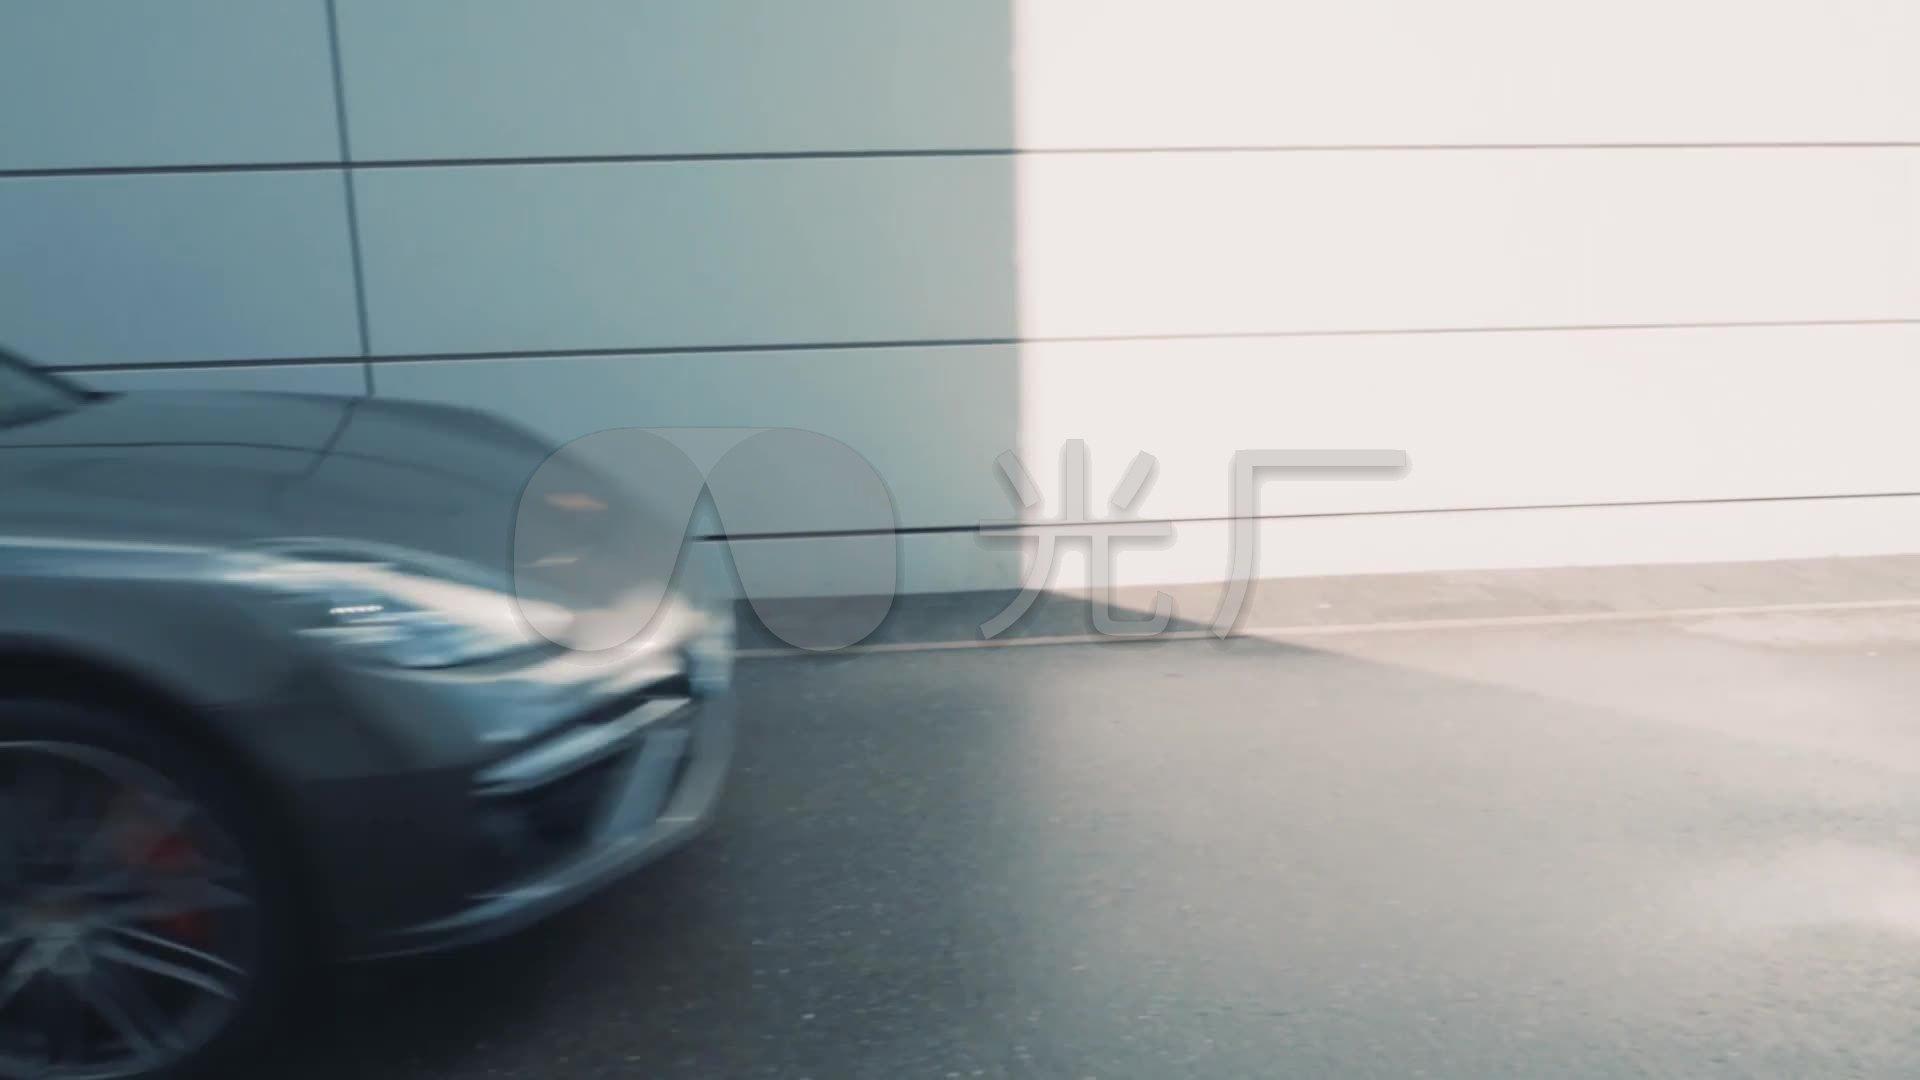 实拍豪车跑车高清_1920X1080_视频年会素材vg视频视频图片